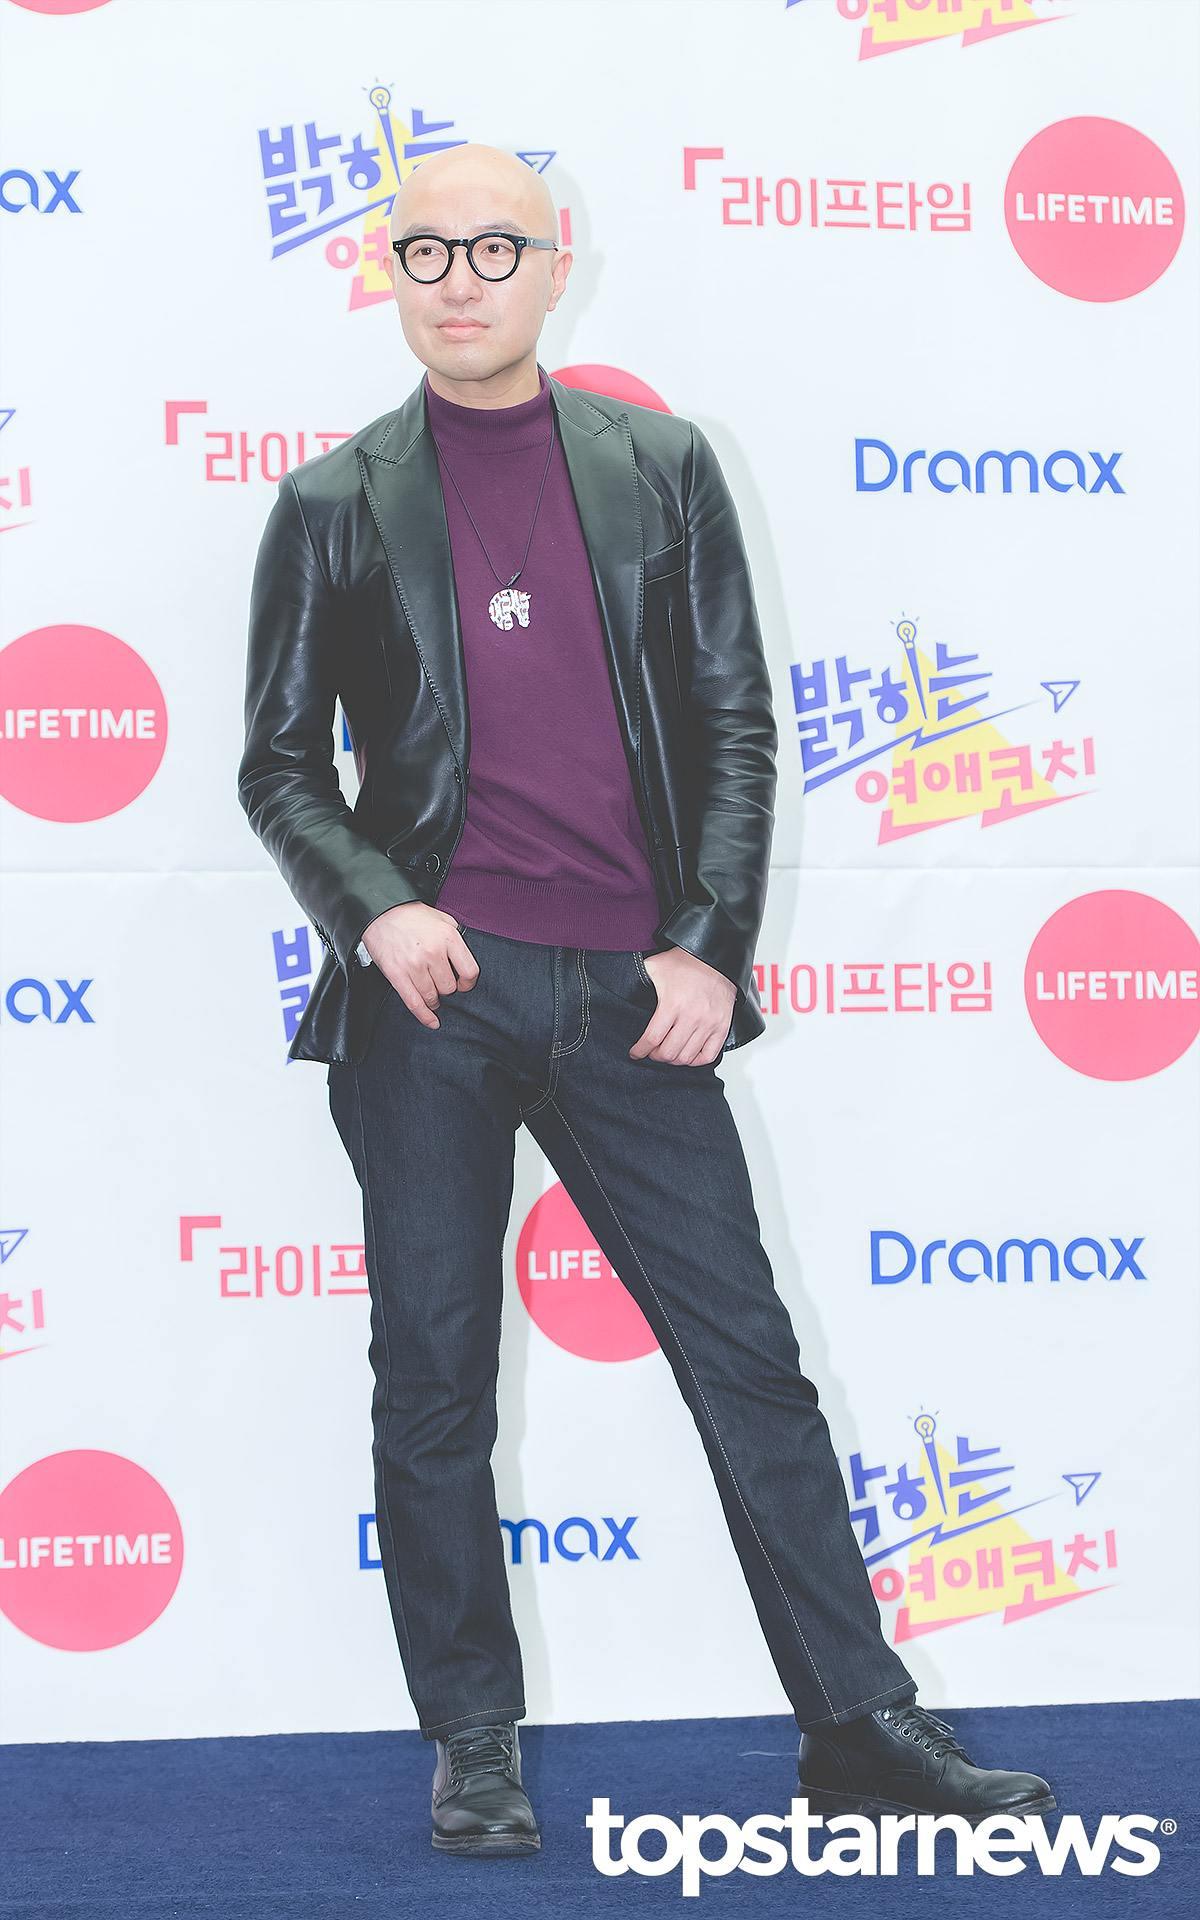 韓國藝人洪錫天是南韓演藝圈史上首位出櫃的男藝人,因為自身活潑開朗的個性,不僅活躍於各大綜藝節目,也是娛樂圈裡公認的人脈王!除此之外,目前他還擁有11家餐廳,將餐飲副業發展得相當成功。